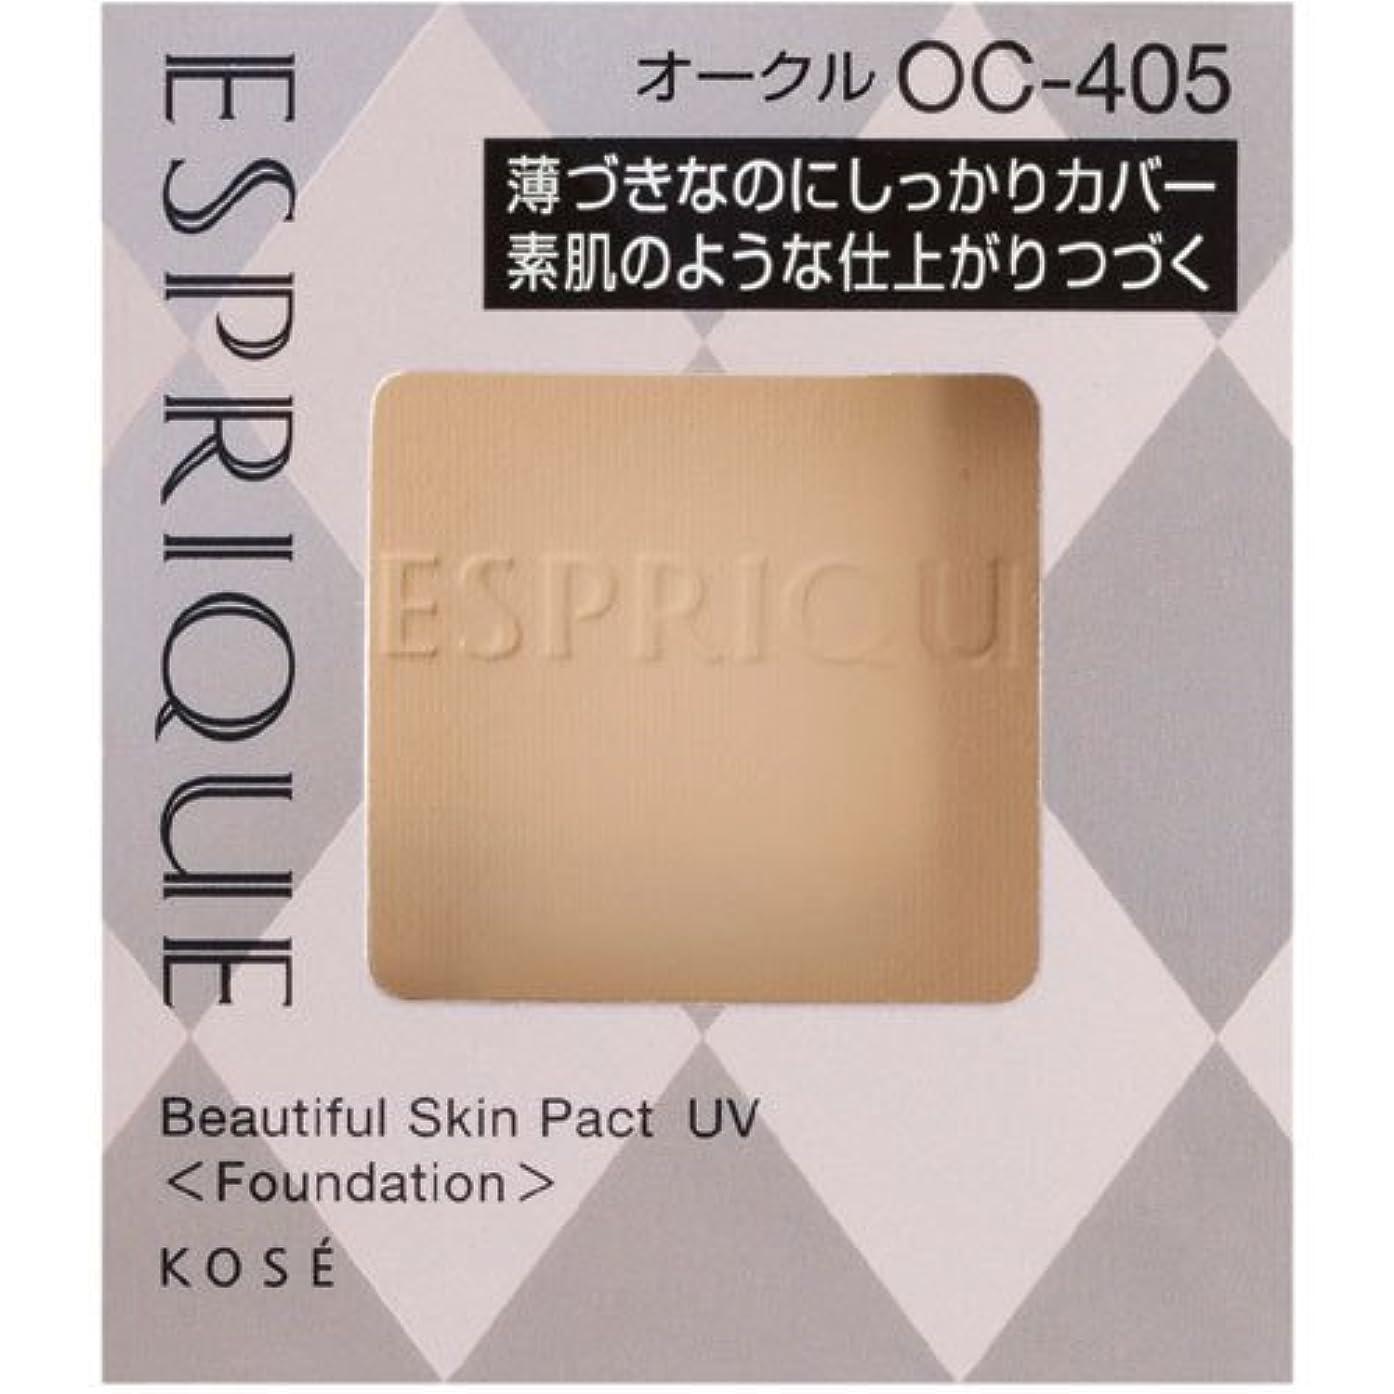 期待する特異なほうきKOSE エスプリーク ビューティフルスキン パクト UV OC-405